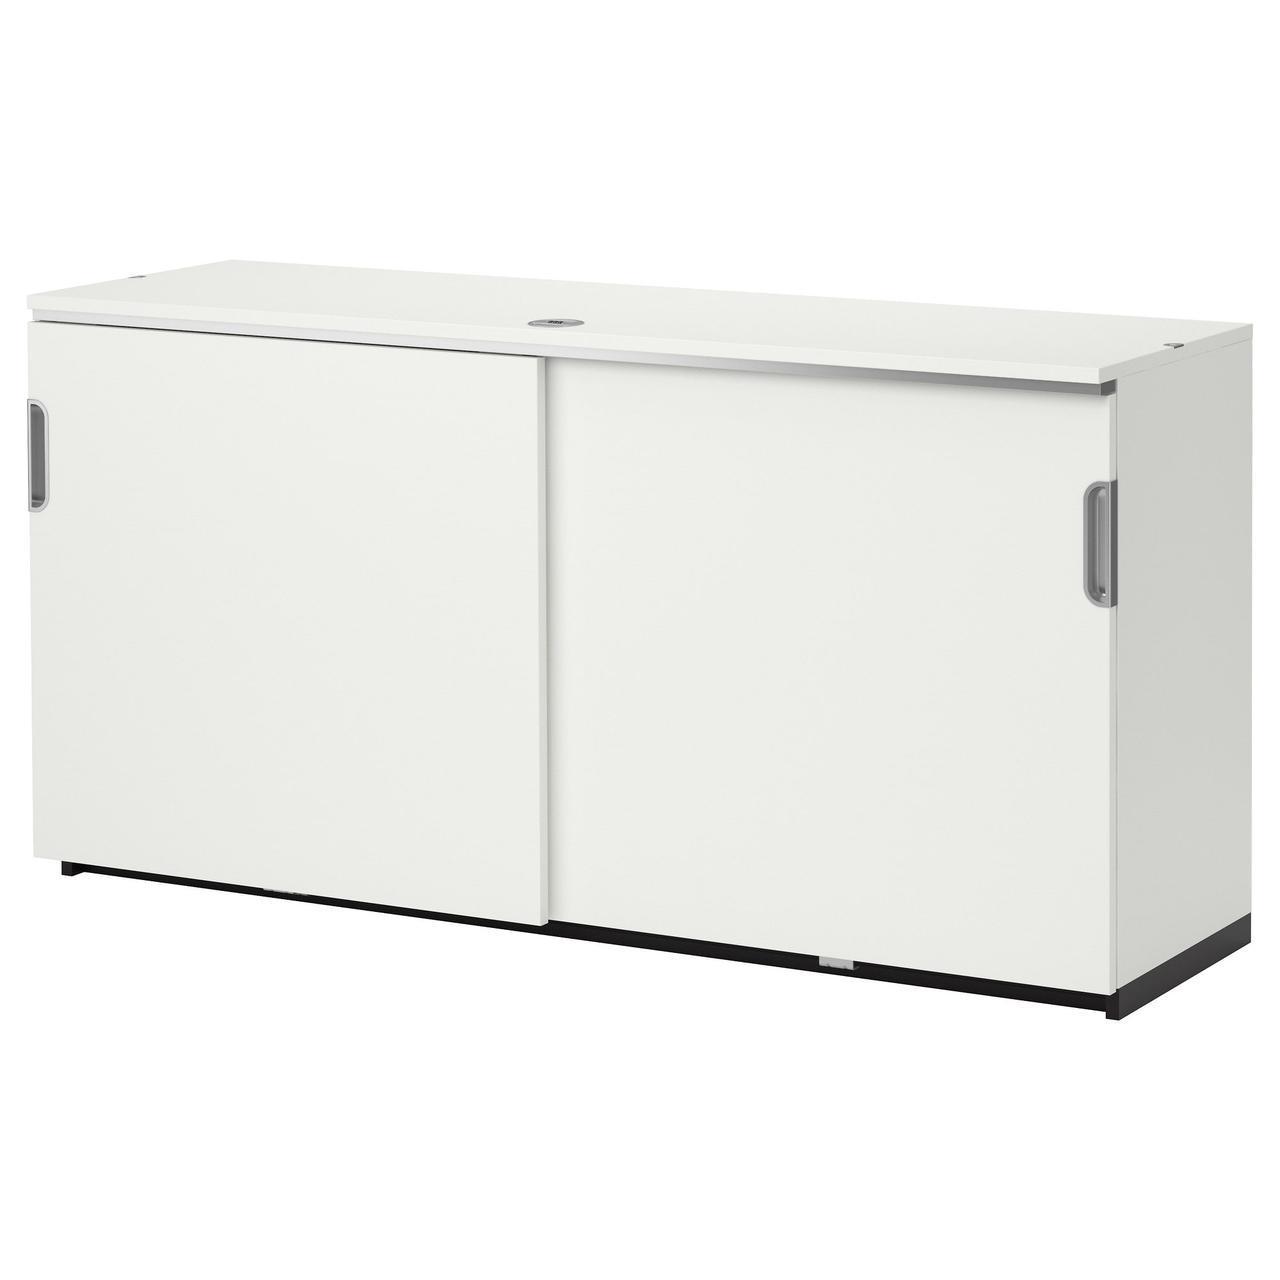 IKEA GALANT (203.381.90) Шкаф с раздвижными дверями, серый